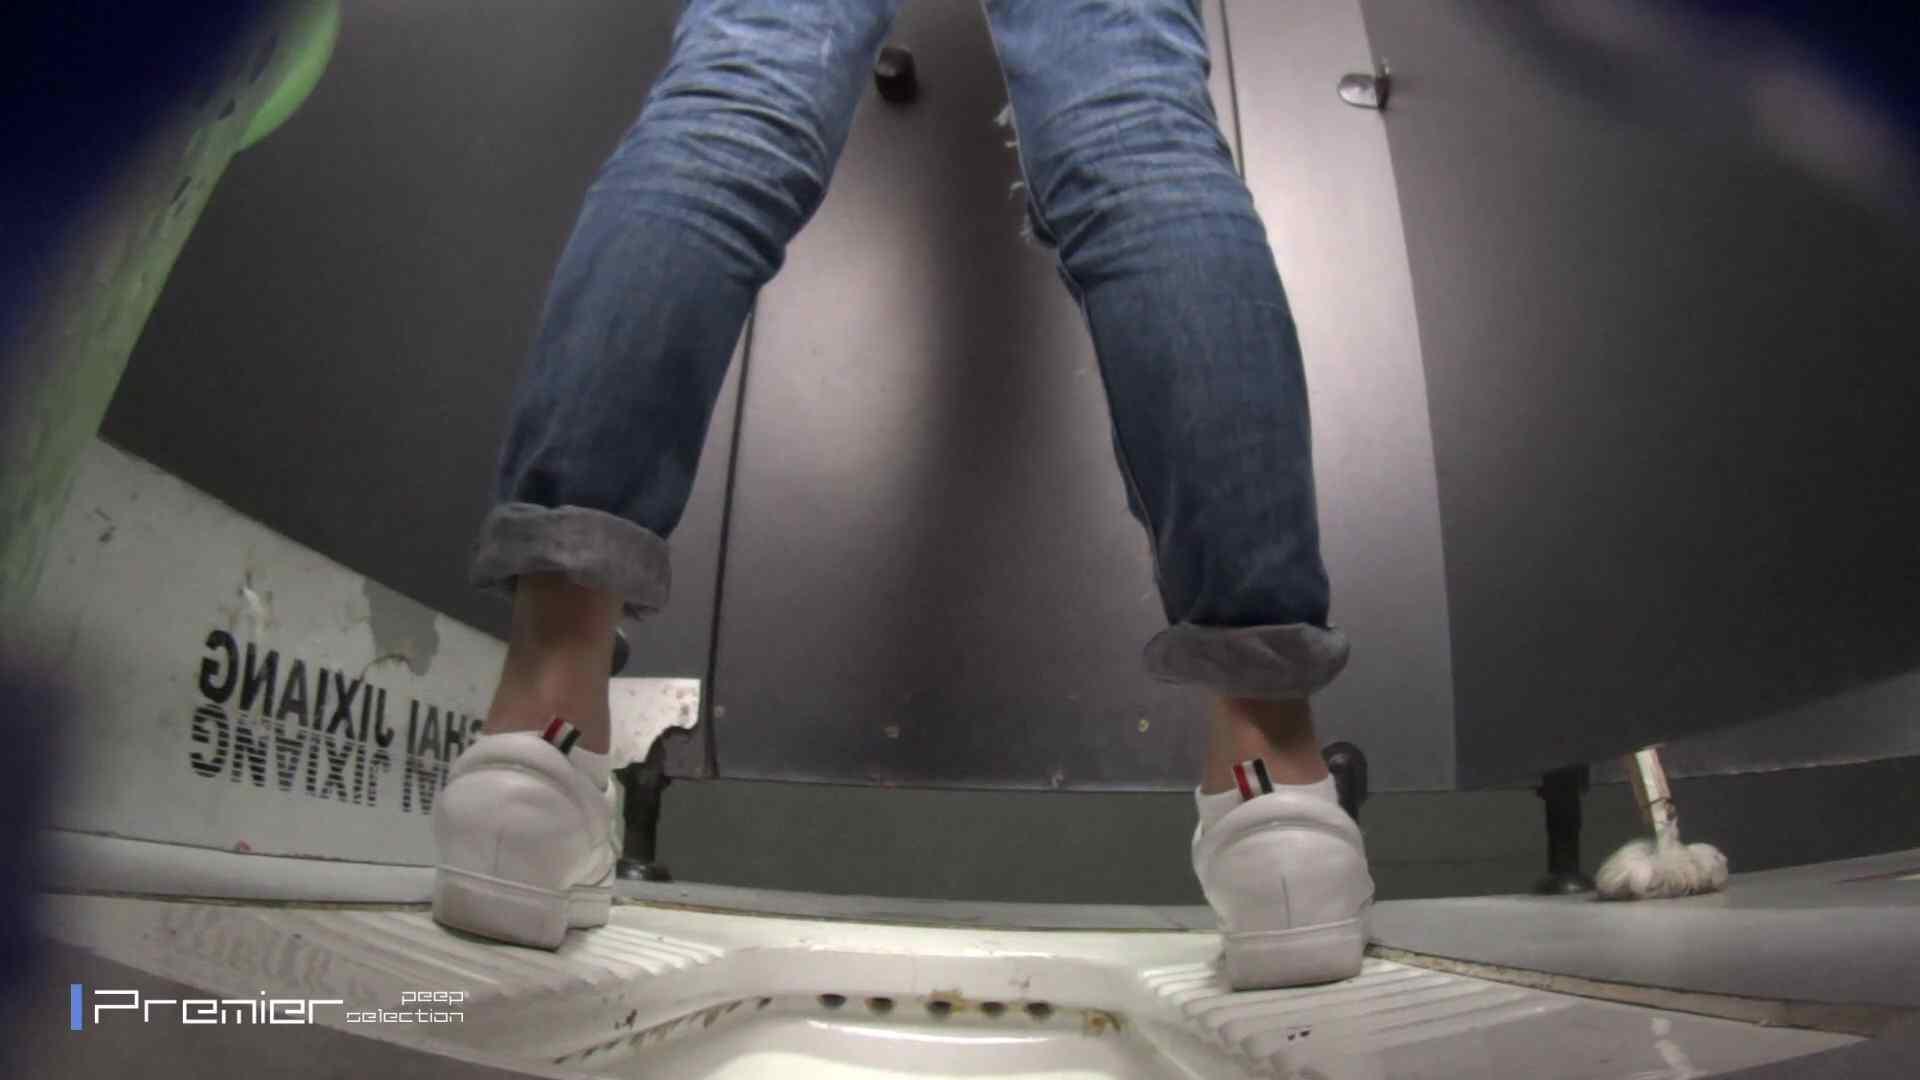 グレースパッツお女市さん 大学休憩時間の洗面所事情31 美肌 スケベ動画紹介 84枚 17